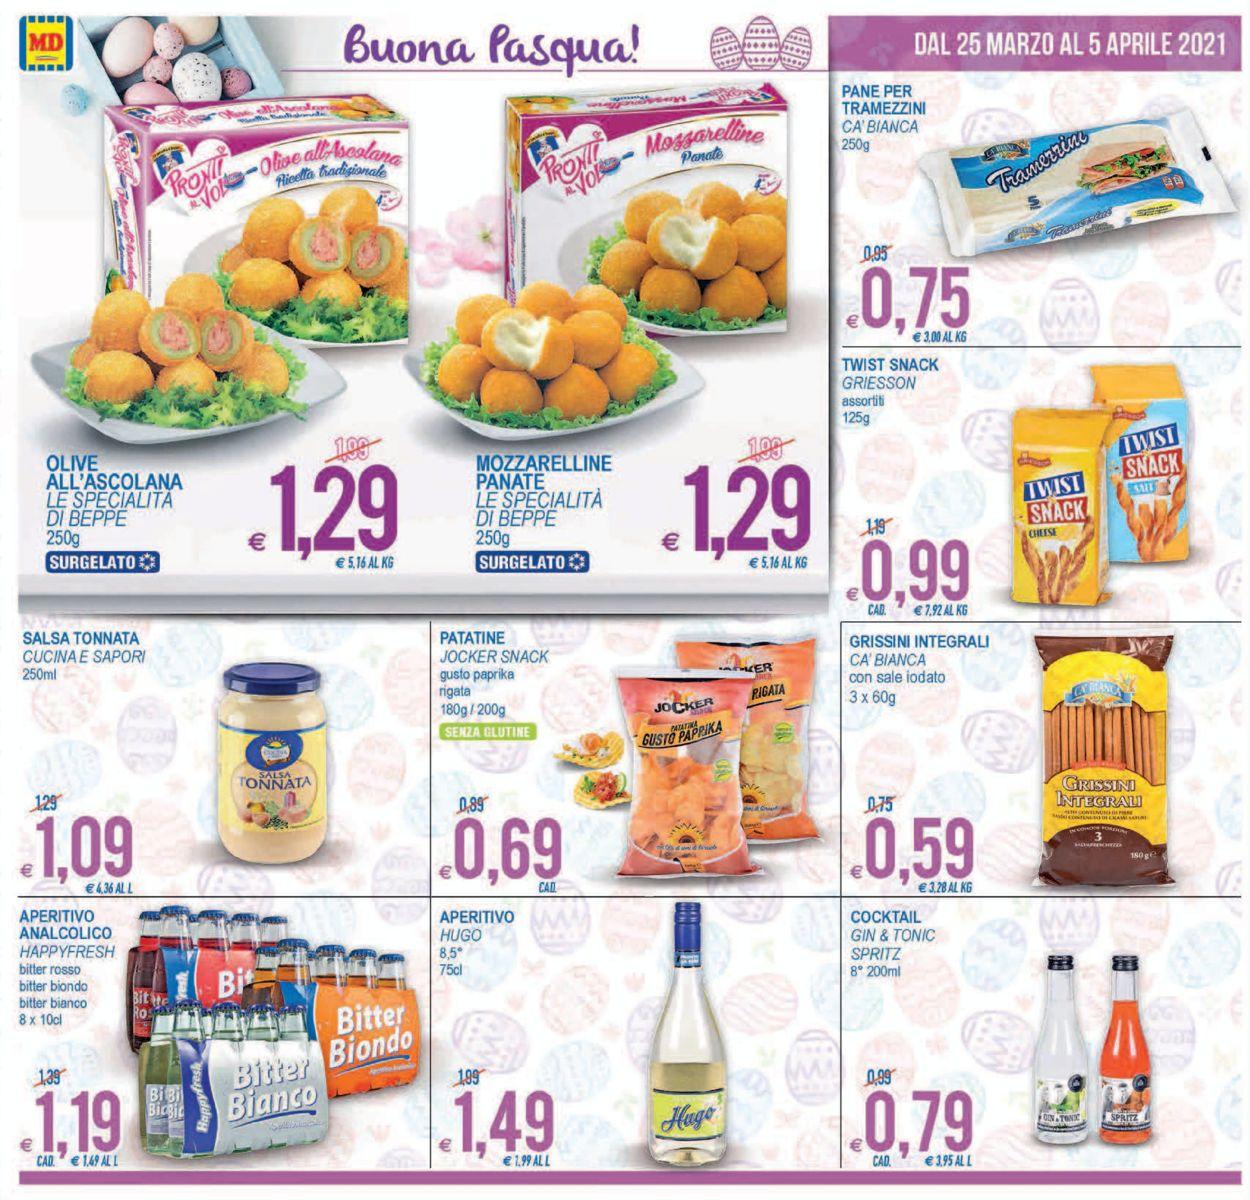 Volantino MD Discount - Pasqua 2021! - Offerte 25/03-05/04/2021 (Pagina 4)